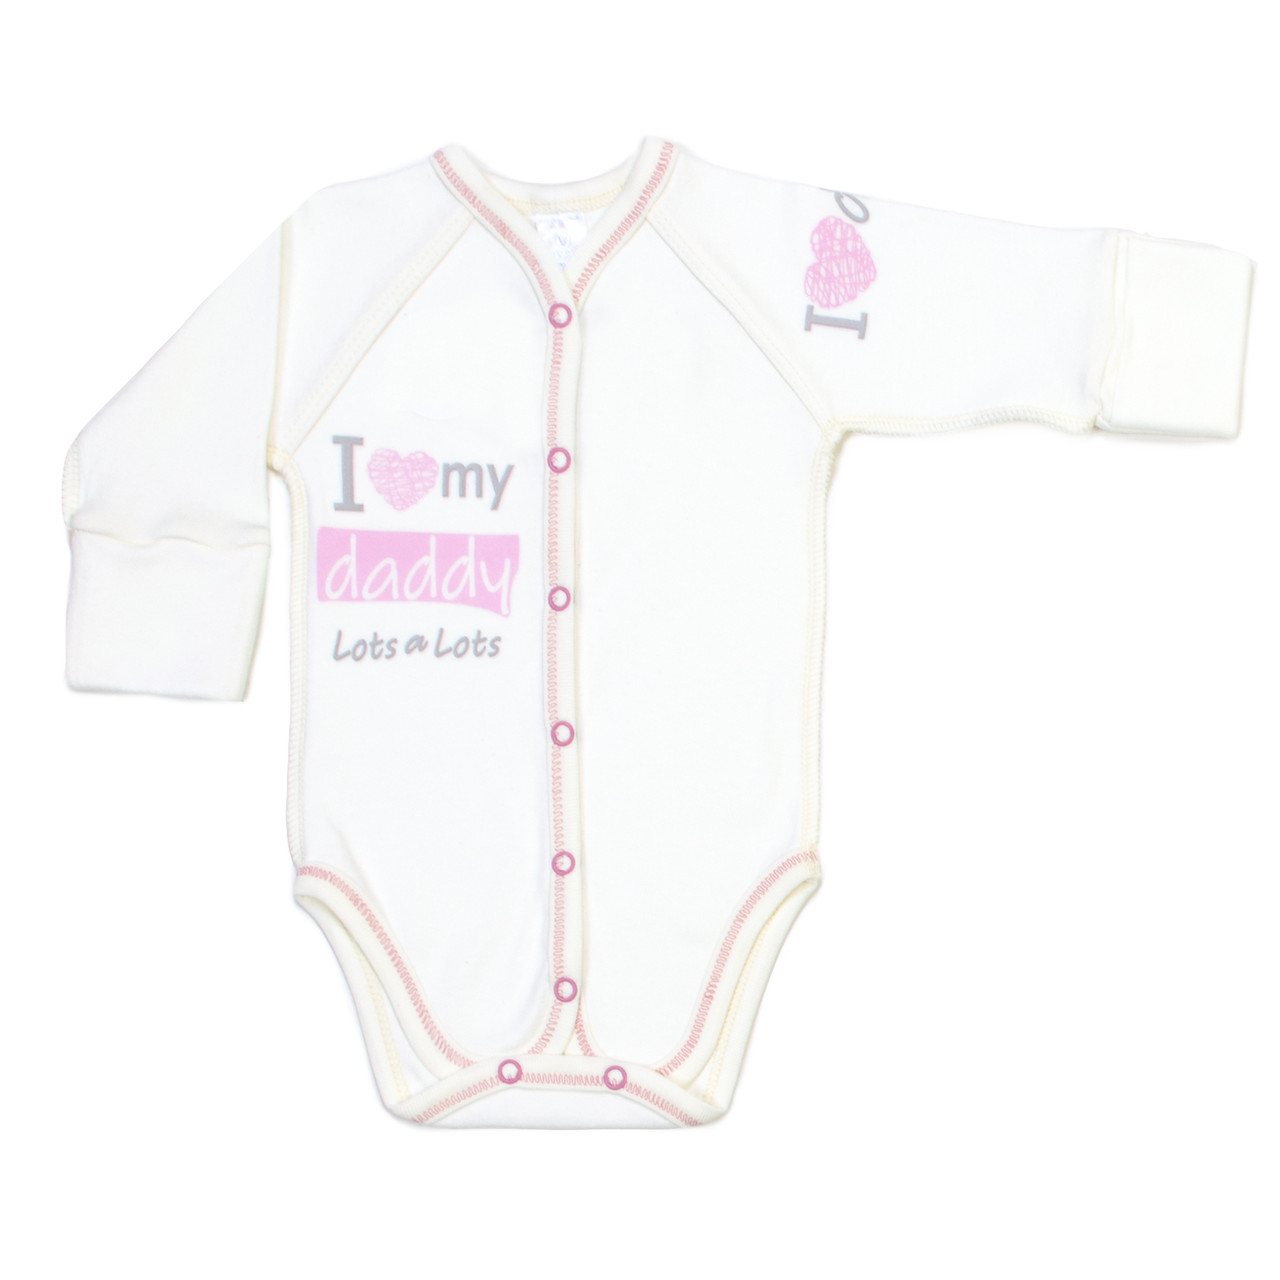 Боди для новорожденных Veres I love my daddy pink интерлок молочный